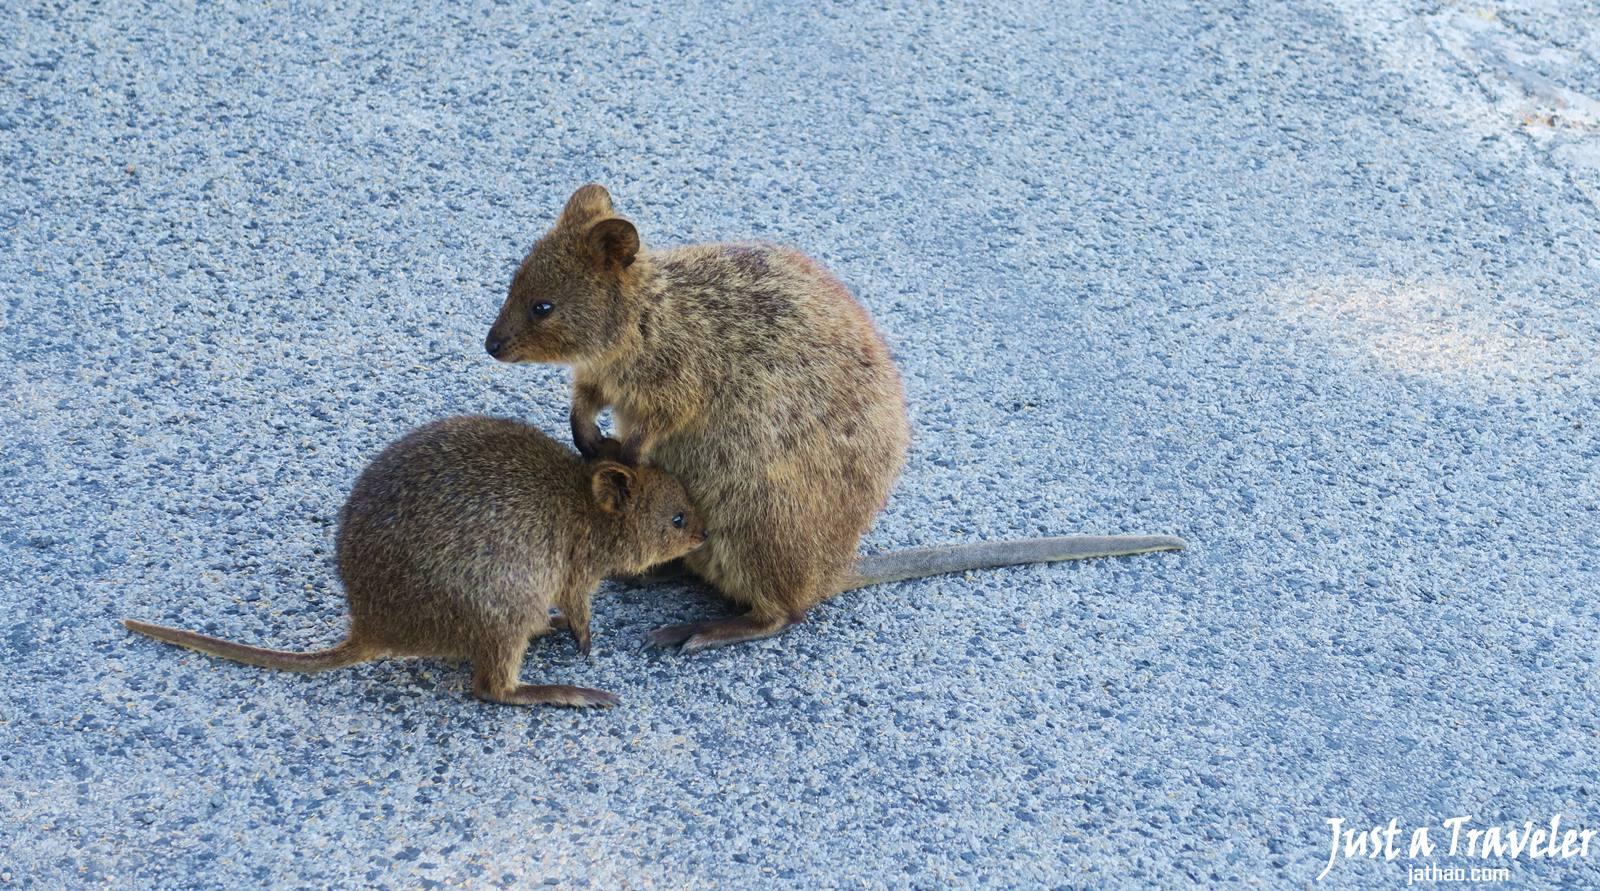 澳洲-西澳-伯斯-景點-羅特尼斯島-Rottnest Island-小袋鼠-推薦-自由行-交通-旅遊-遊記-攻略-行程-一日遊-二日遊-必玩-必遊-Perth